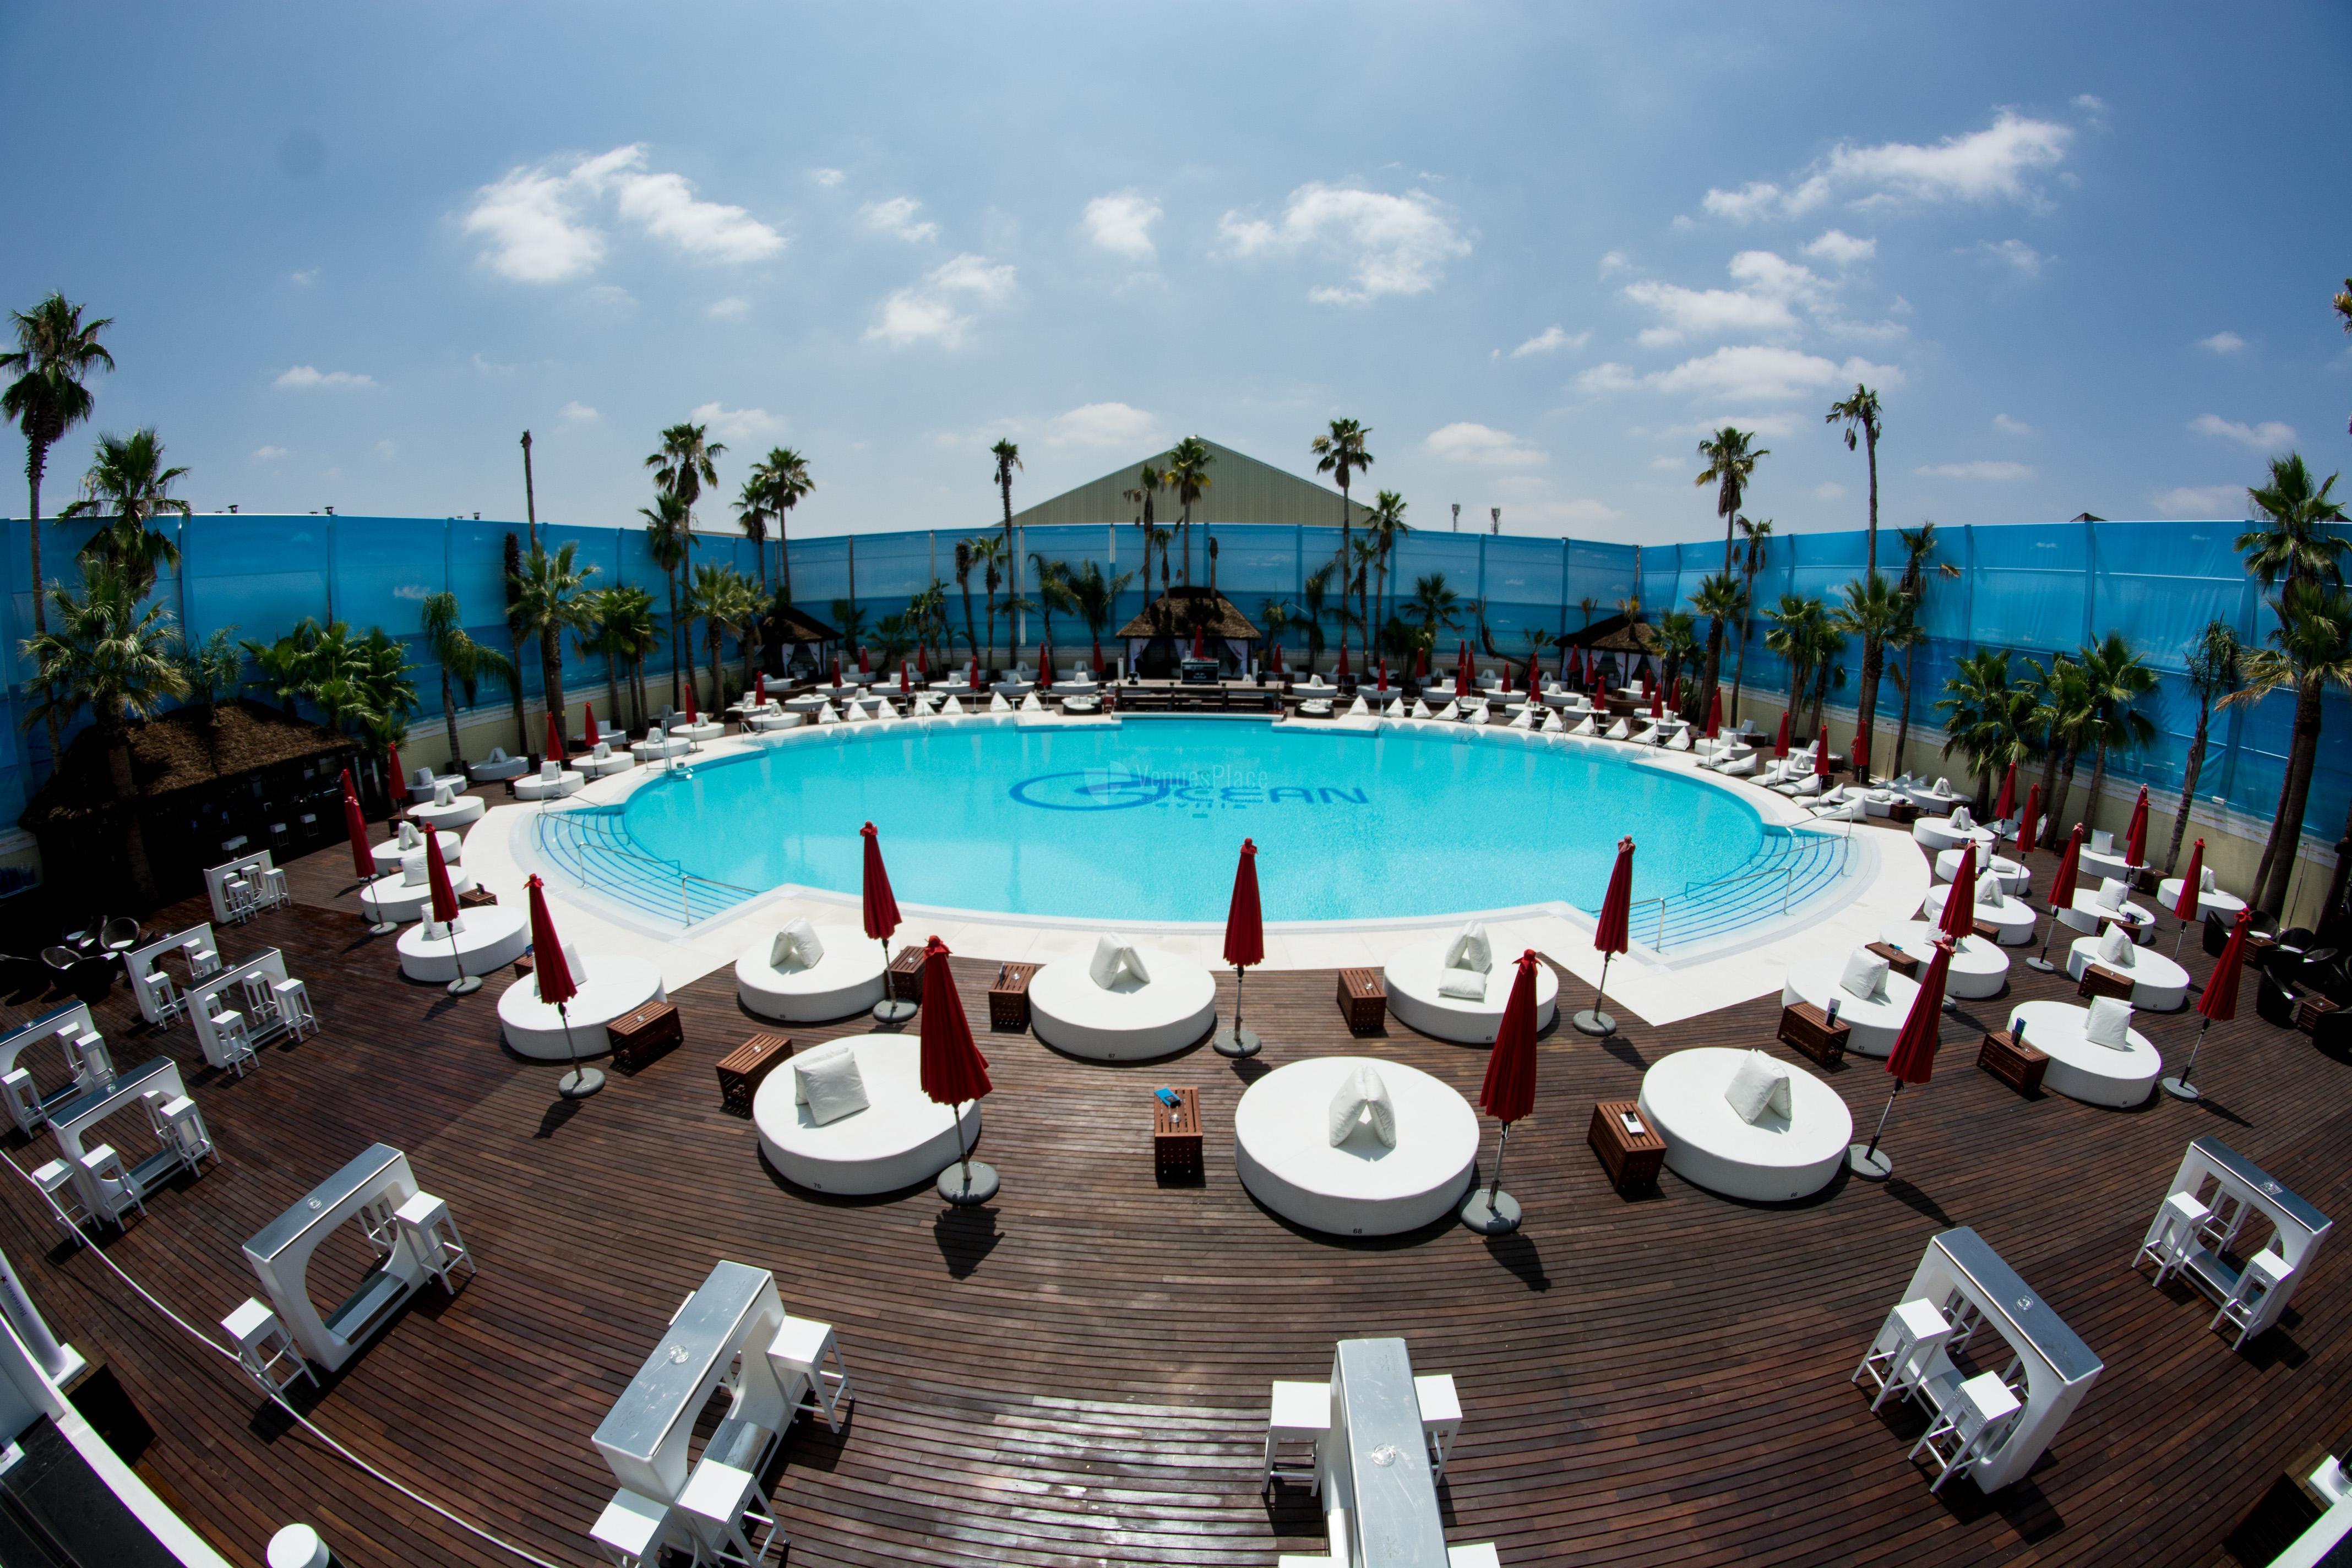 Occo ocean sevilla un incre ble pool club urbano en la ciudad de sevilla venuesplace - Piscinas climatizadas en sevilla ...